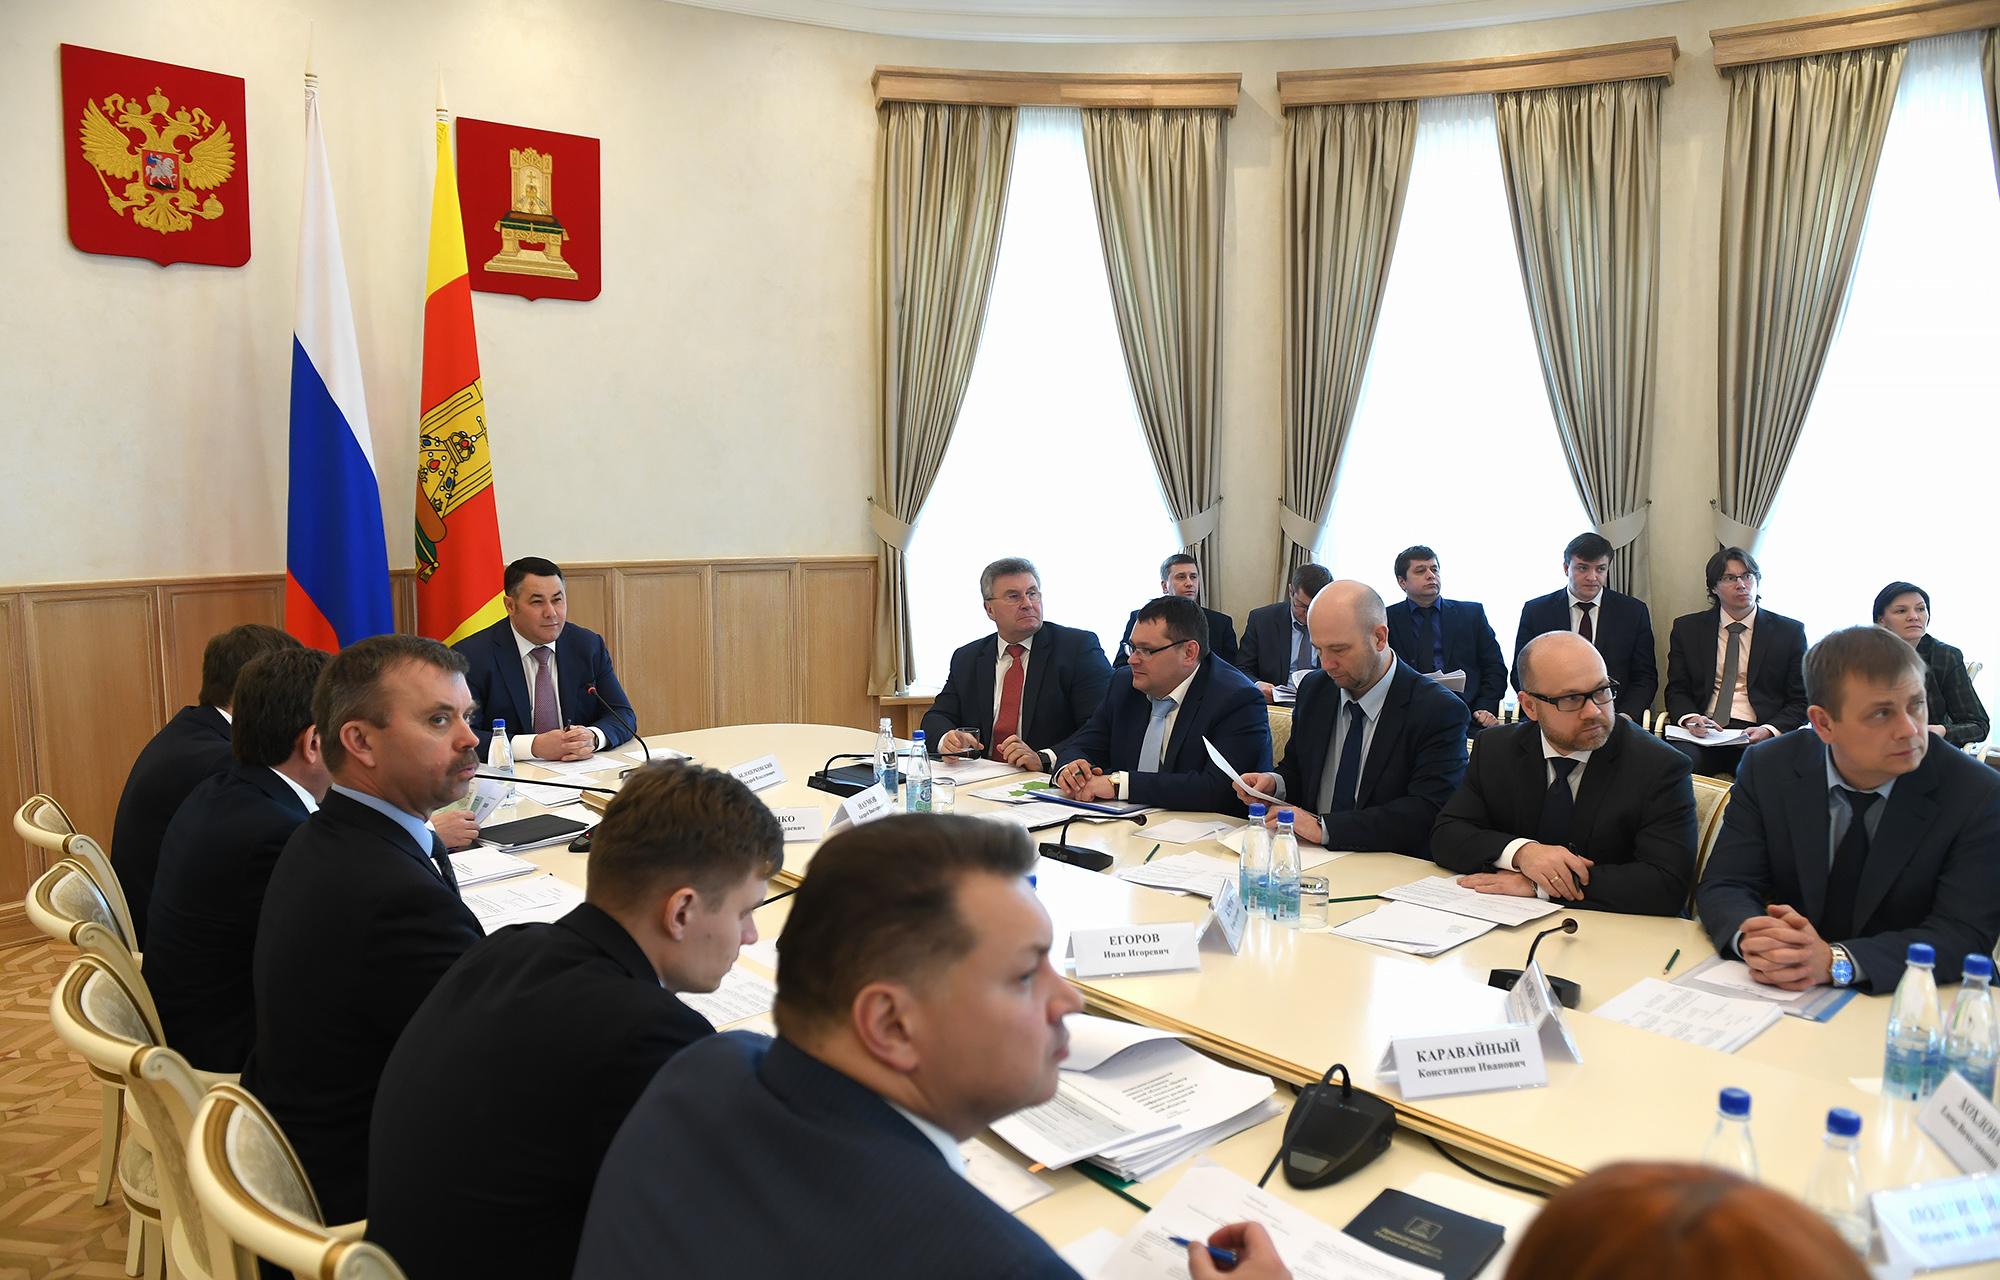 В Тверской области ещё два профессиональных образовательных учреждения закреплены за отраслевым министерством